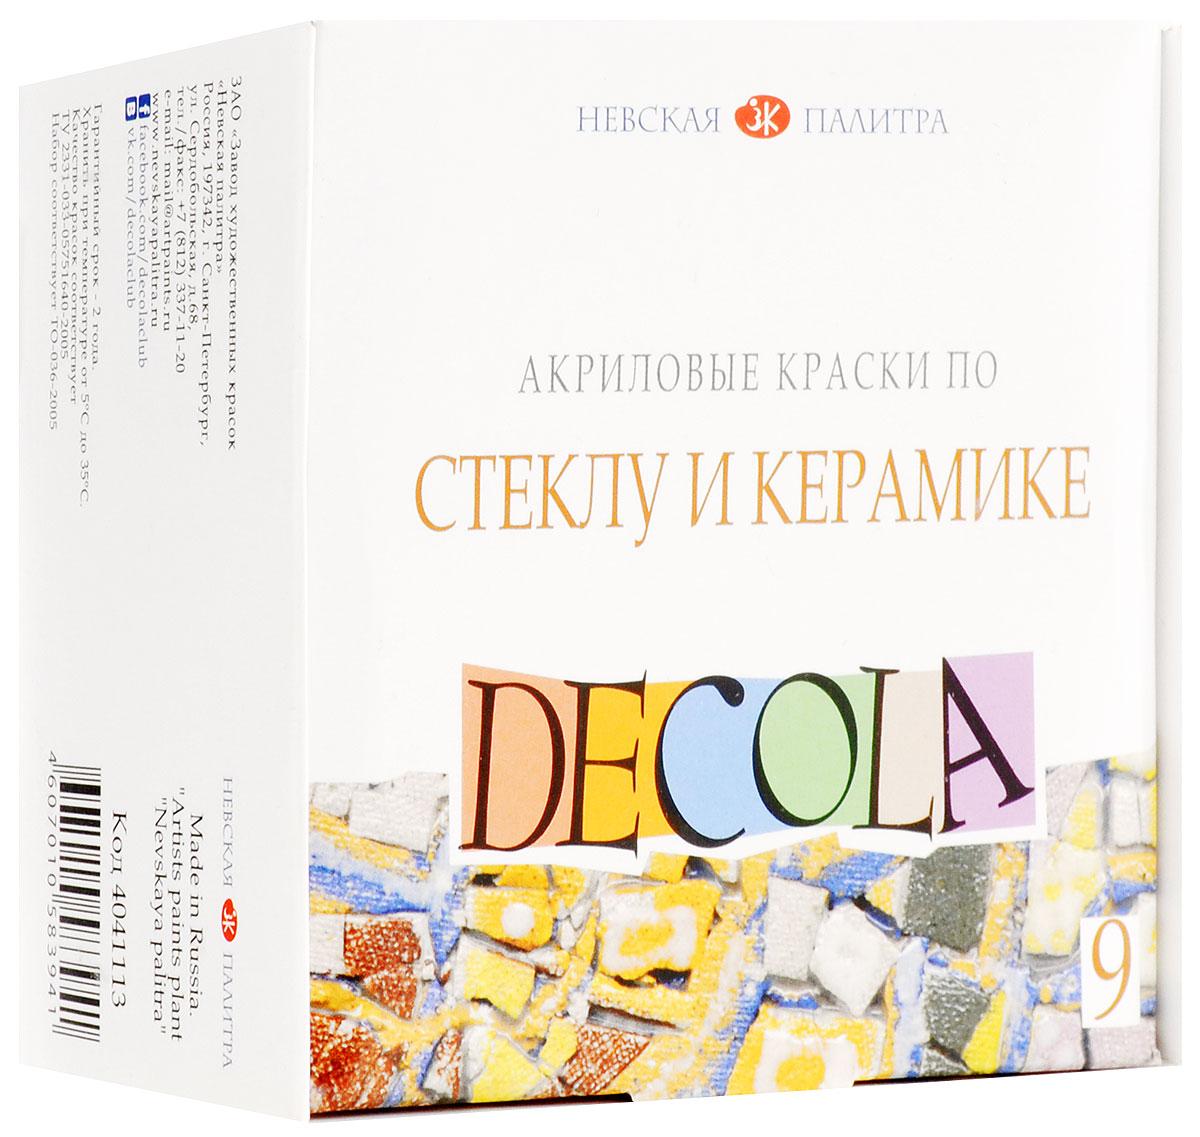 Decola Акриловые краски по стеклу и керамике 9 цветов4041113Краски по стеклу и керамике на основе водной акриловой дисперсии Decola предназначены для росписи керамики, фаянса, изделий из стекла и металла. Перед применением краску тщательно перемешайте.Нанесите краску кистью на обезжиренную поверхность в один или два слоя с промежуточной сушкой в течение 12 часов. Просушите роспись 3 суток. Для придания краскам прозрачности используйте специальный разбавитель. При разбавлении водой стойкость красок к мытью падает. Для обеспечения большей долговечности расписанное изделие после сушки можно прогреть в духовке при температуре до 100 градусов в течение 30 минут.Мойте изделия теплой водой без сильного механического воздействия. Не используйте краски для росписи предметов, контактирующих с пищевыми продуктами. Храните краски в плотно закрытой таре. Кисти и инструменты сразу после работы промойте водой.